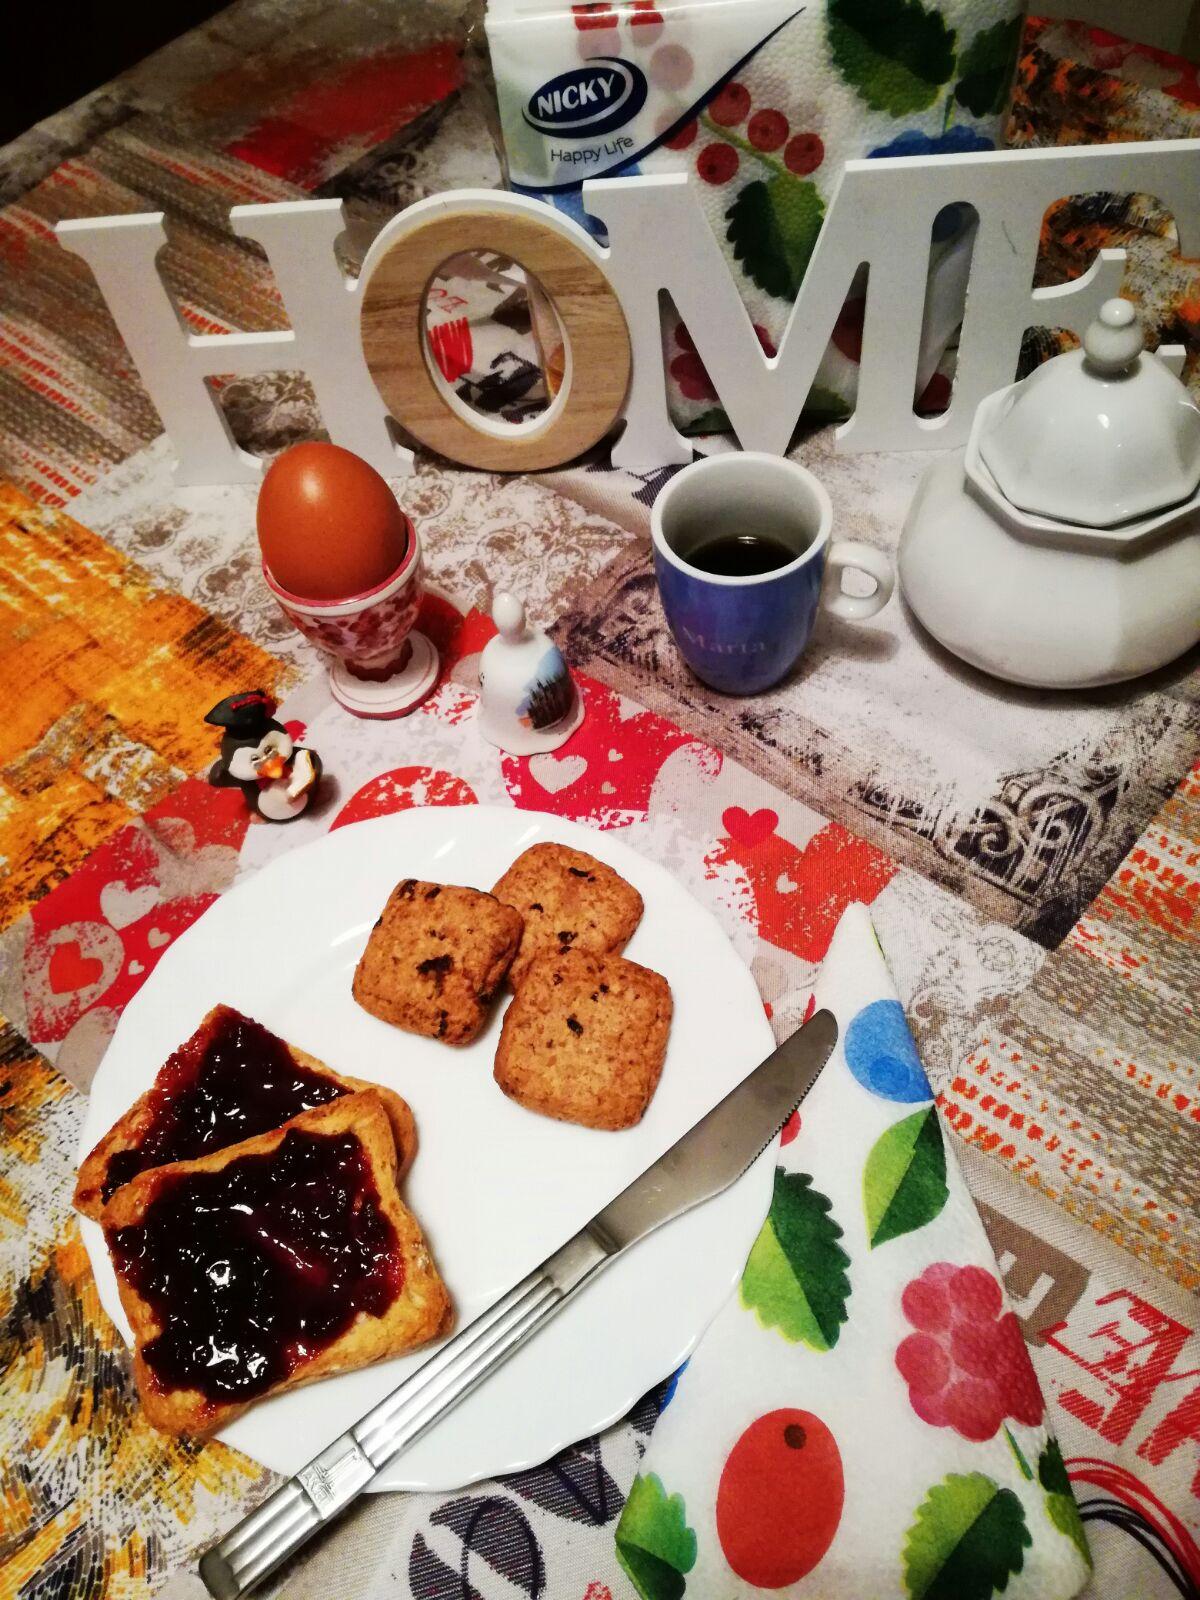 Una prima colazione con i tovaglioli dell'azienda Nicky